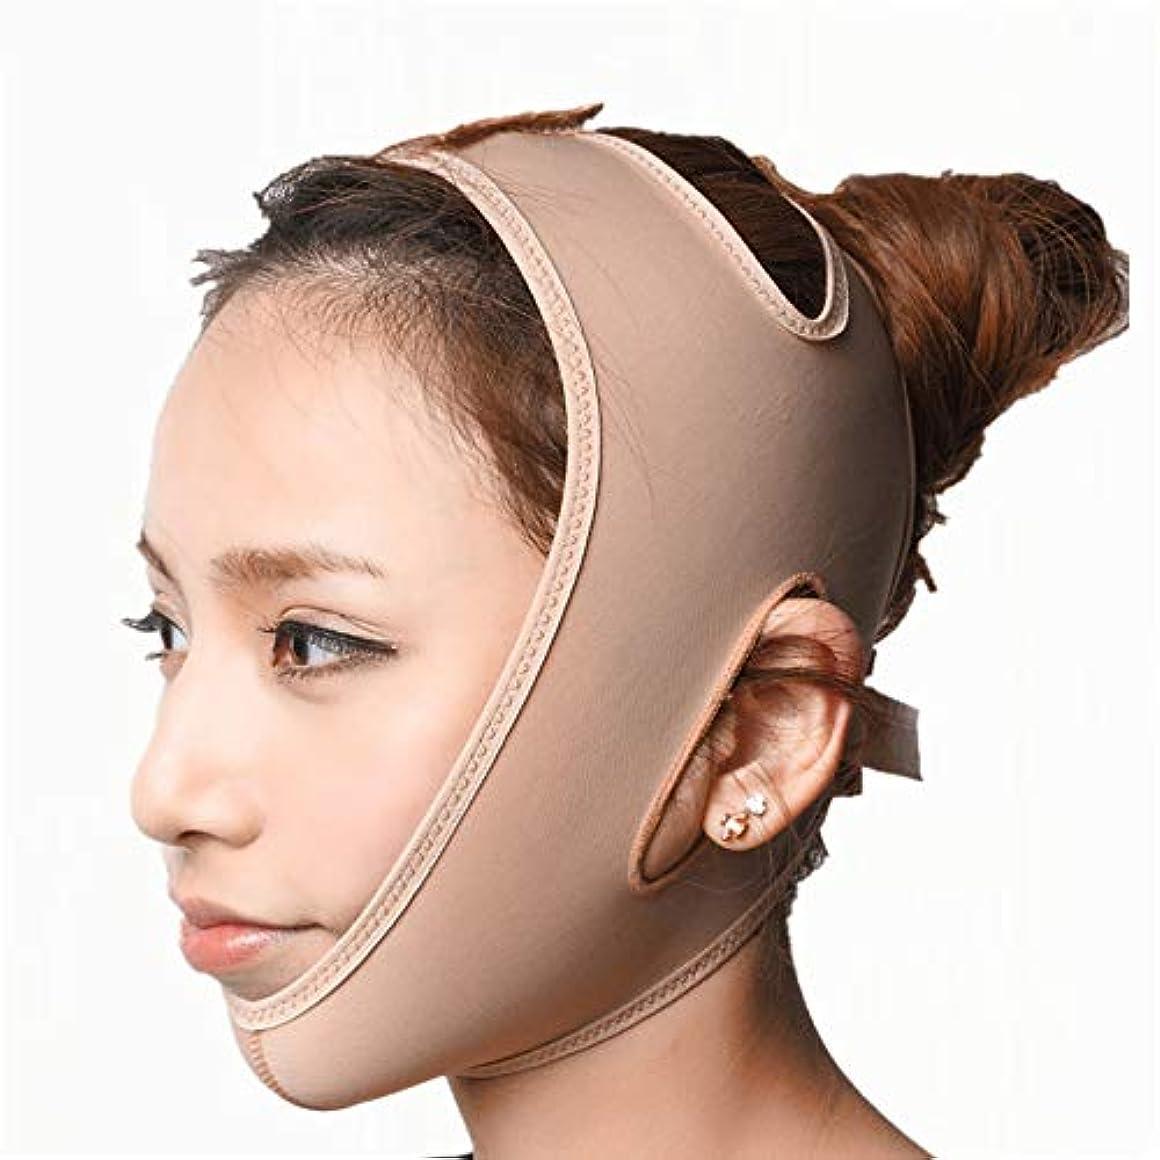 ギャザー引き出し眠る顔の持ち上がる痩身ベルト - アンチエイジングリンクルフェイスマスクベルトシンフェイス包帯整形マスクは顔と首を締めますフェイススリム (サイズ さいず : S s)